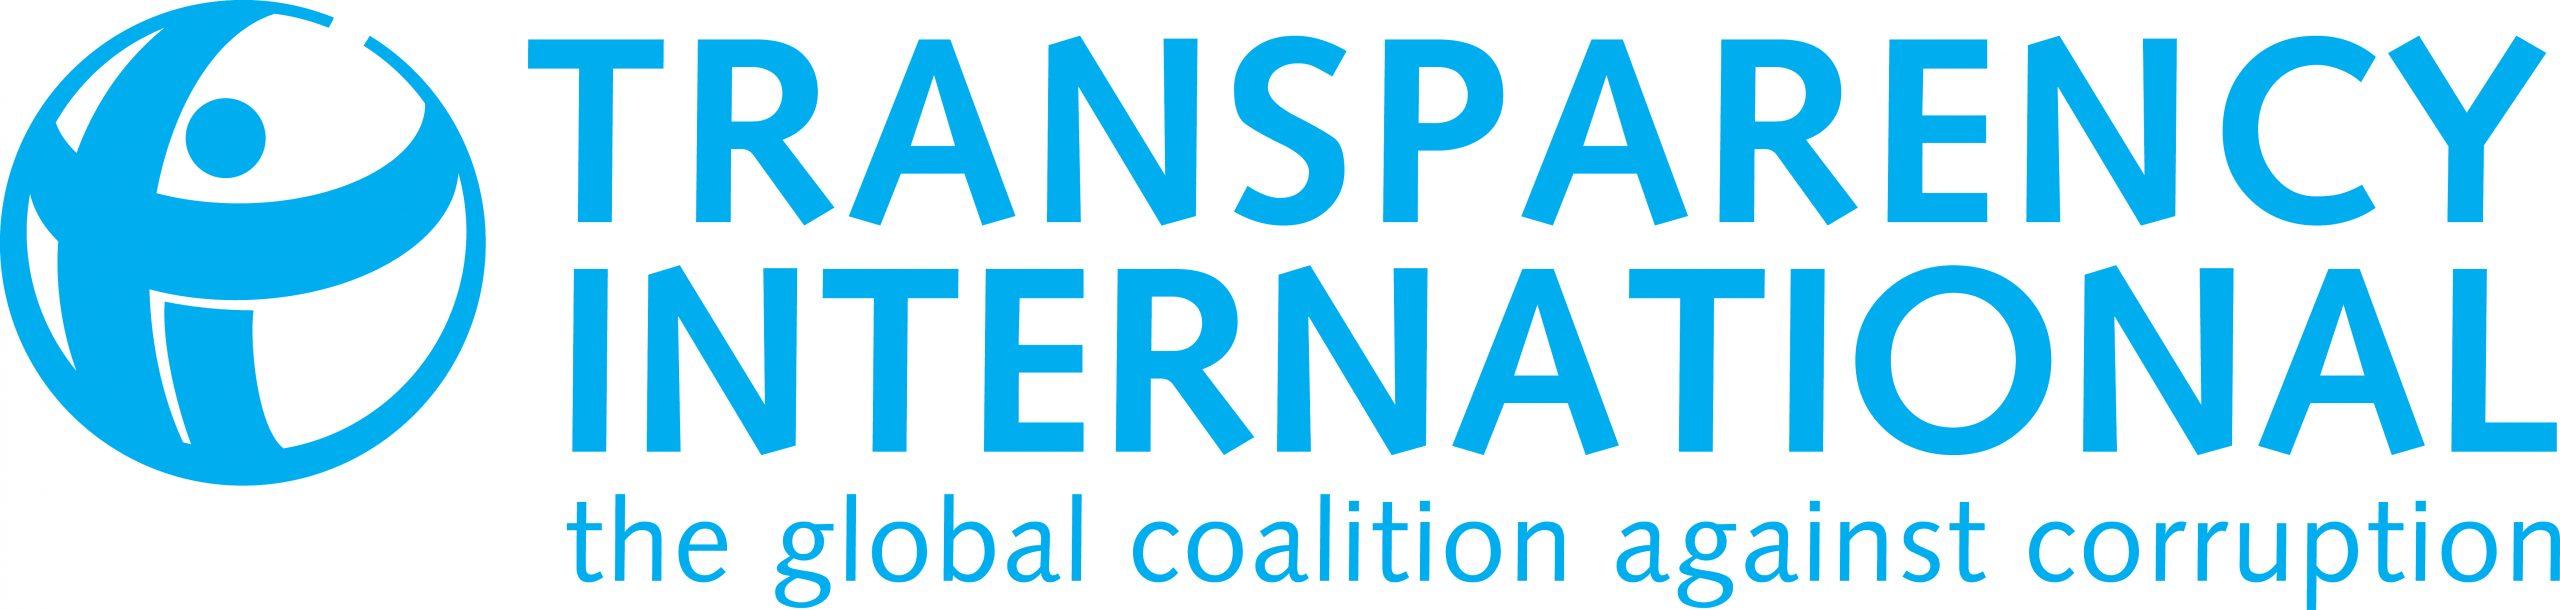 Tilder – Transparency International